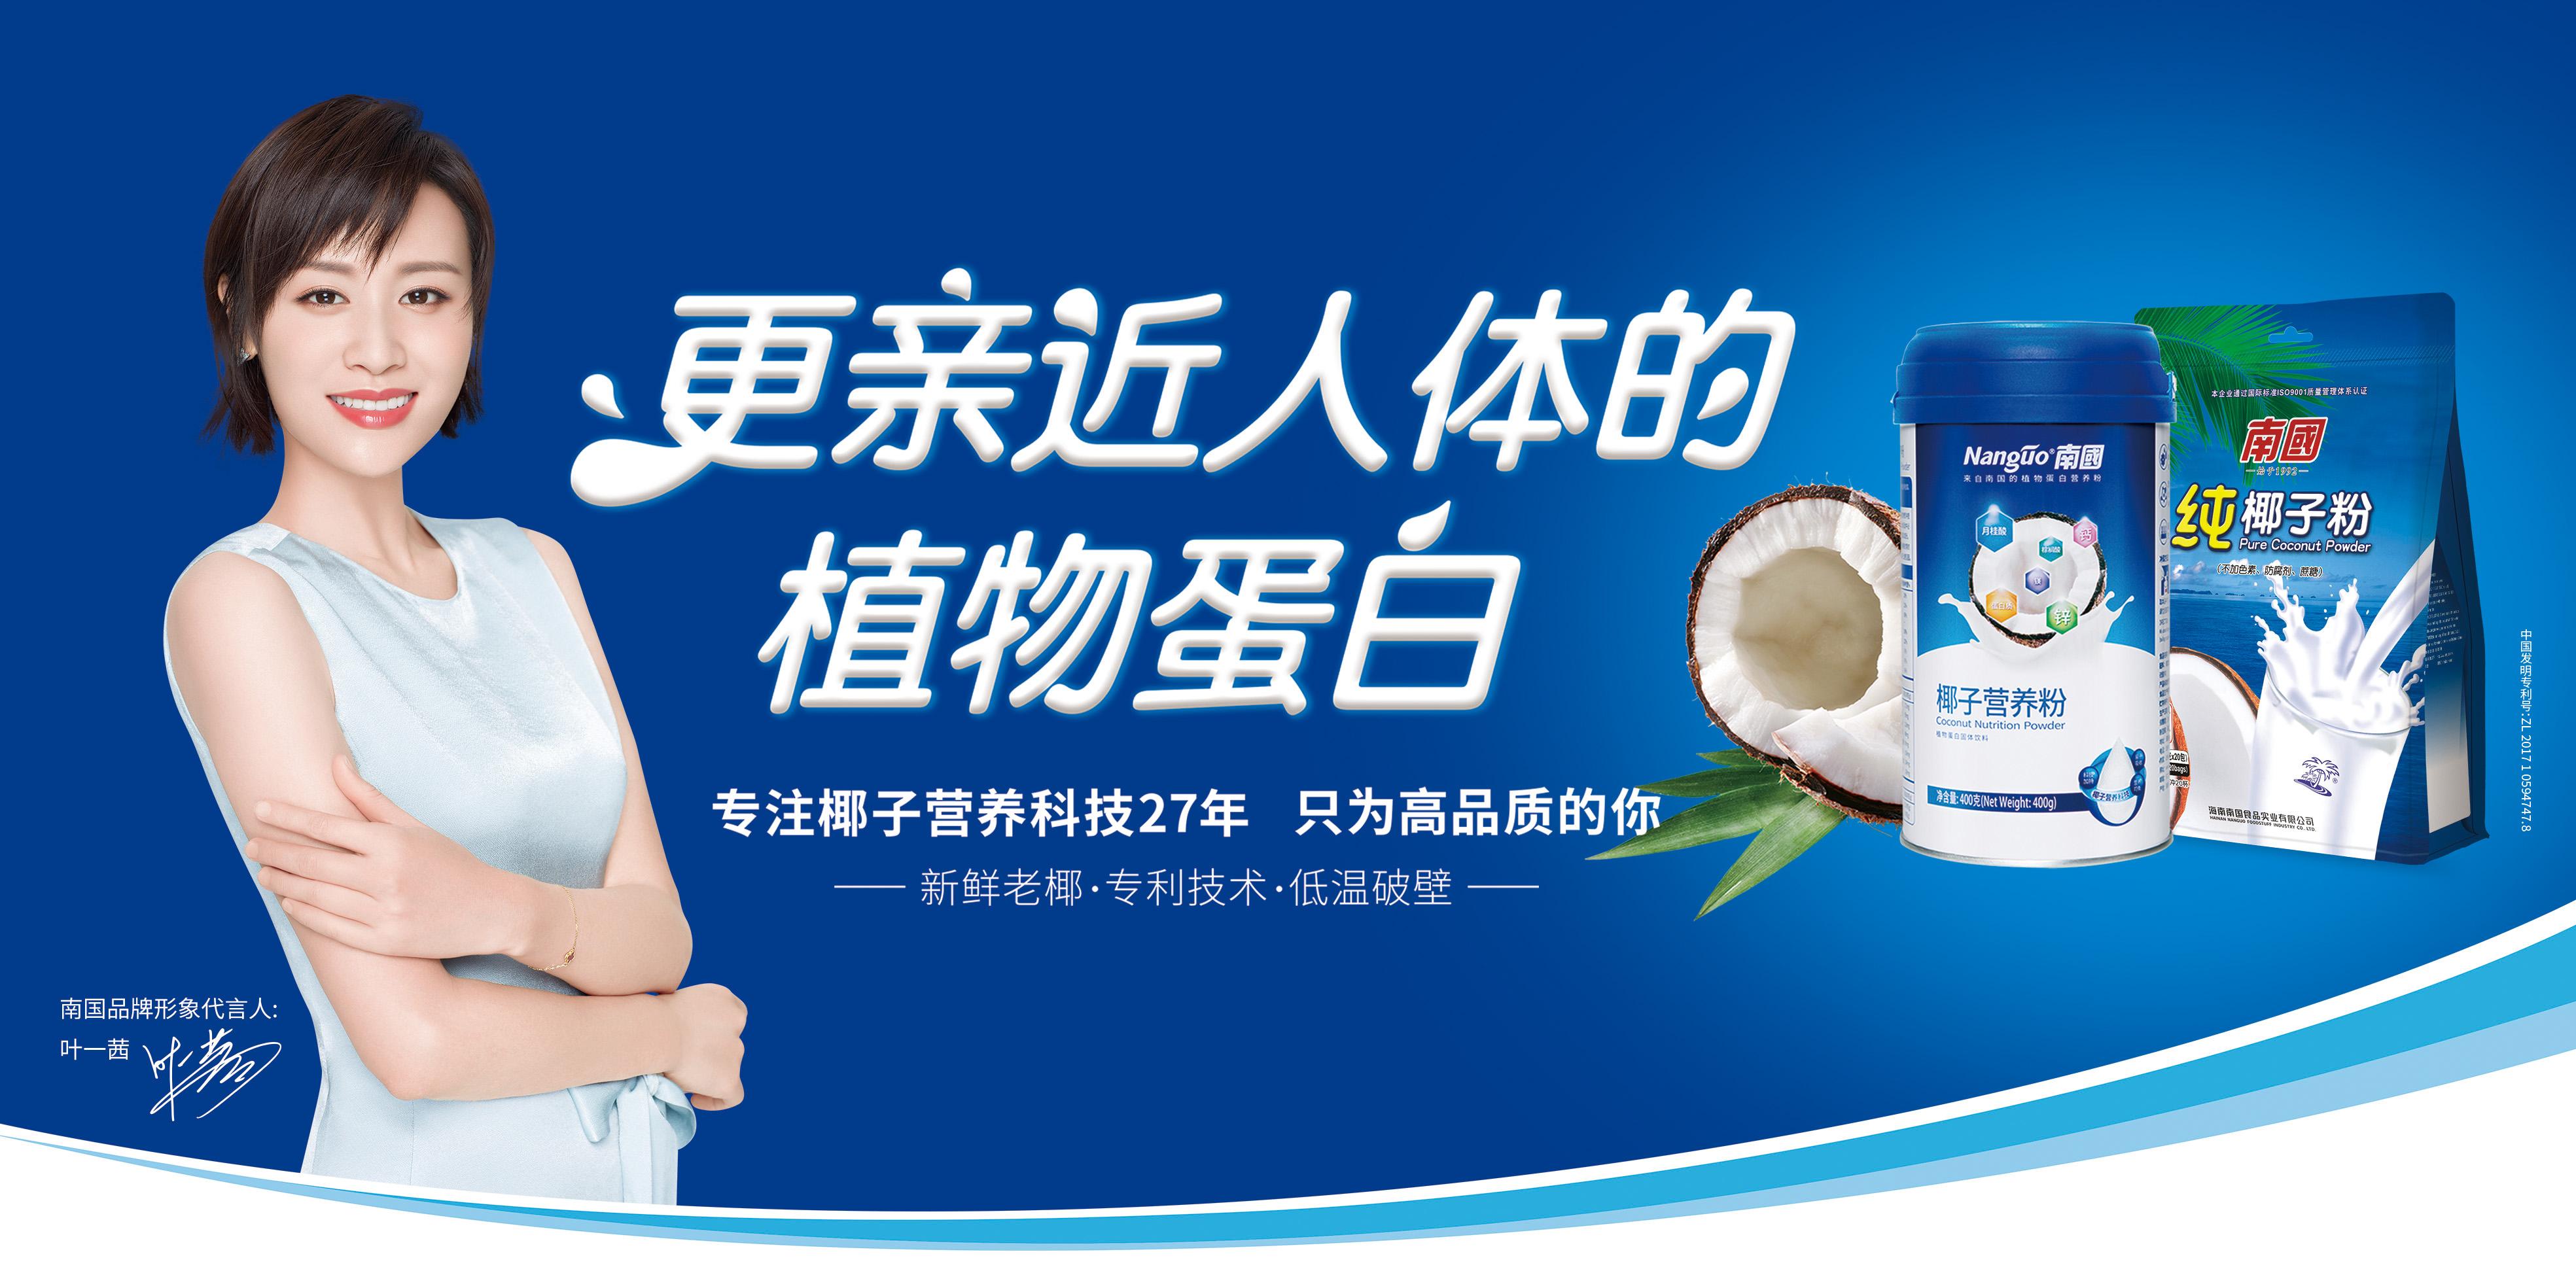 必威体育官方下载食品品牌代言人叶一茜为高段位营养发声